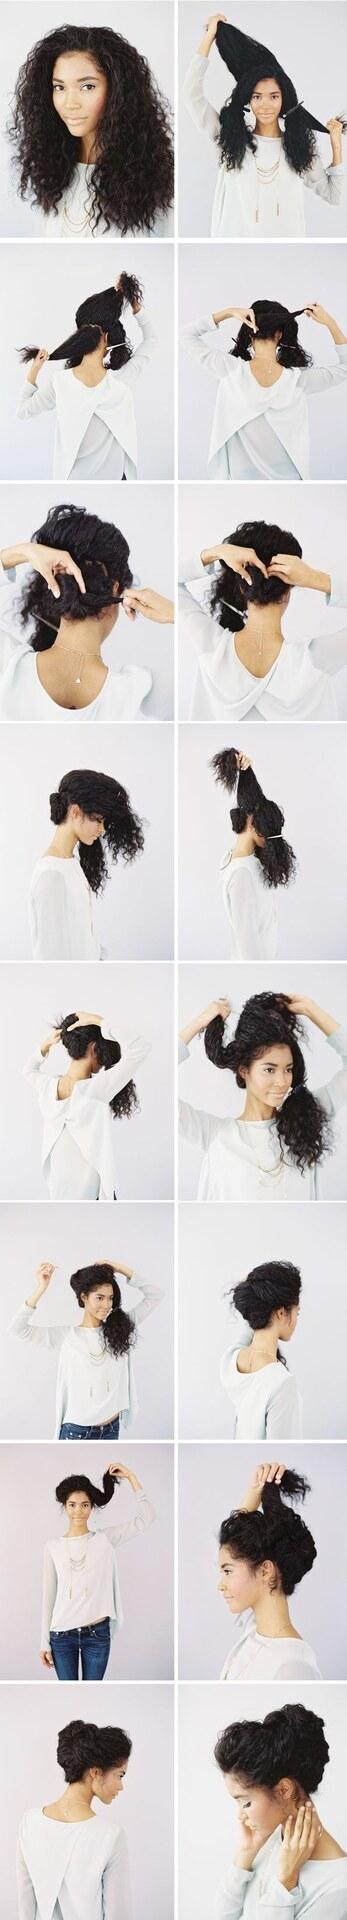 penteados-cabelo cacheado (16)